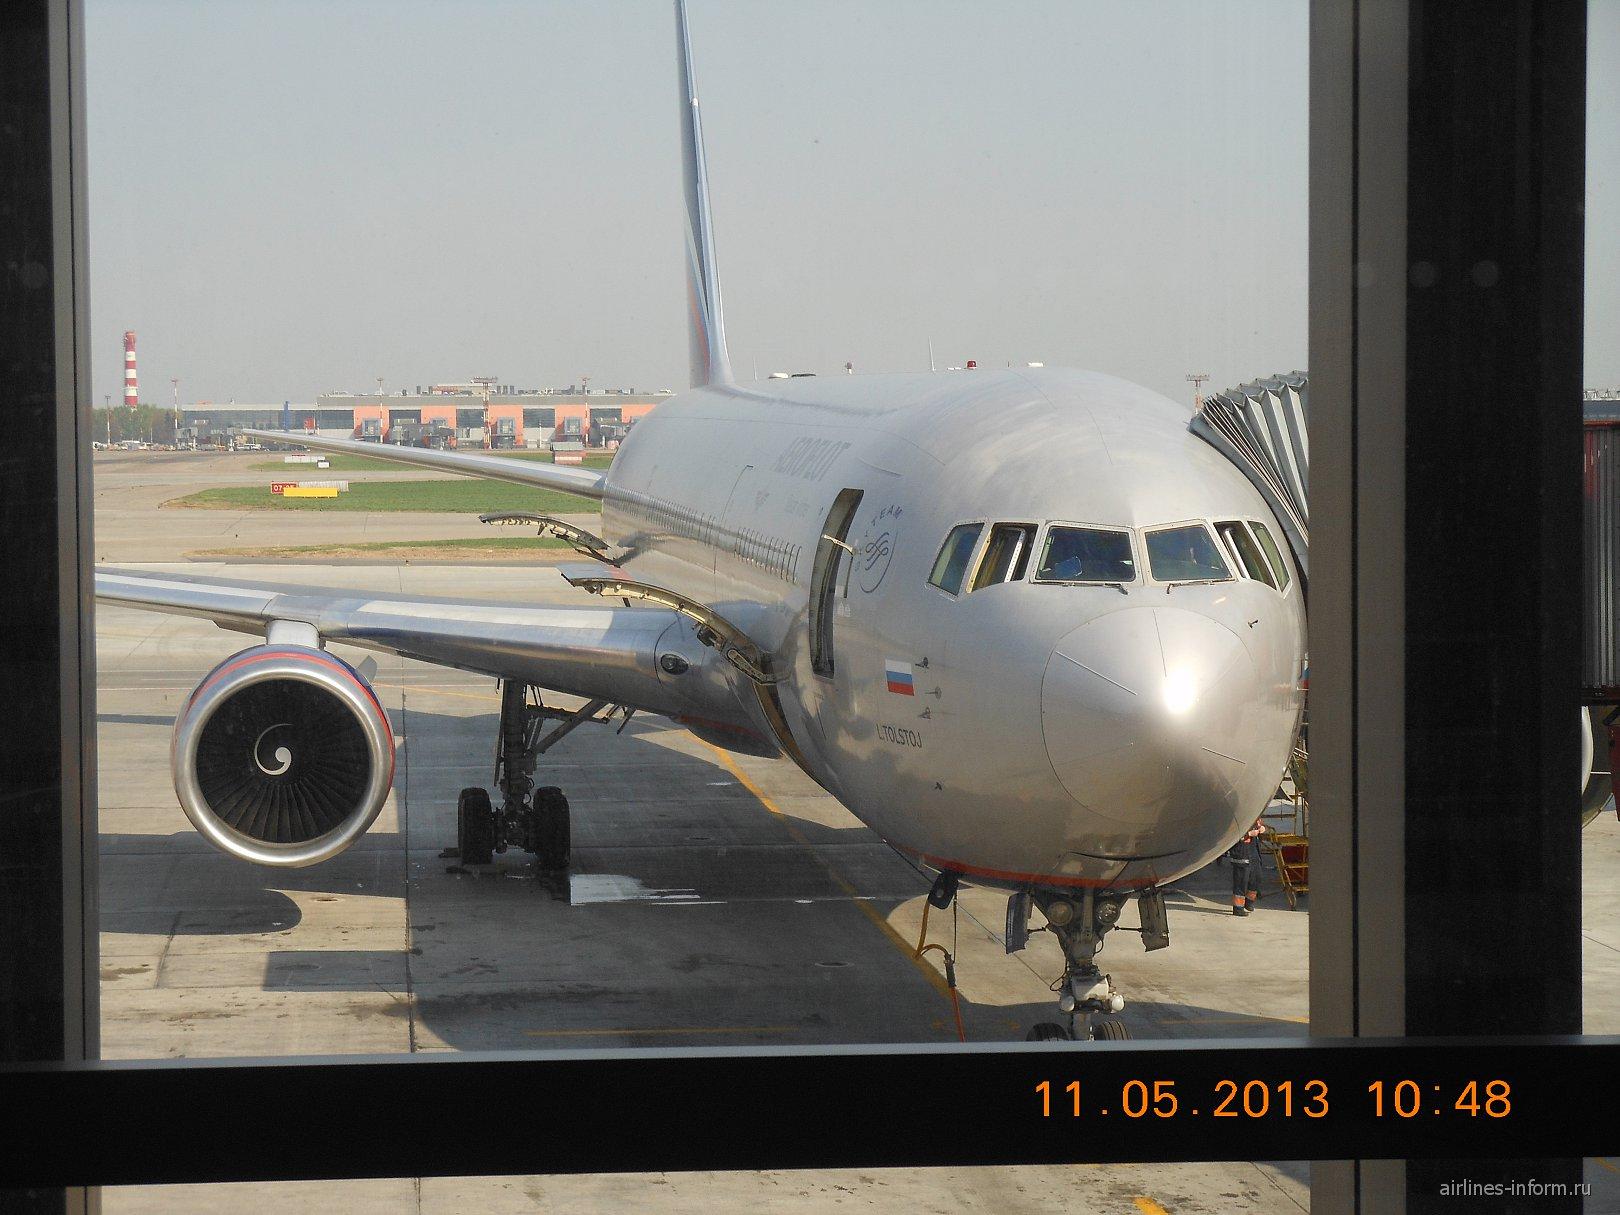 Б-767-300 Аэрофлот